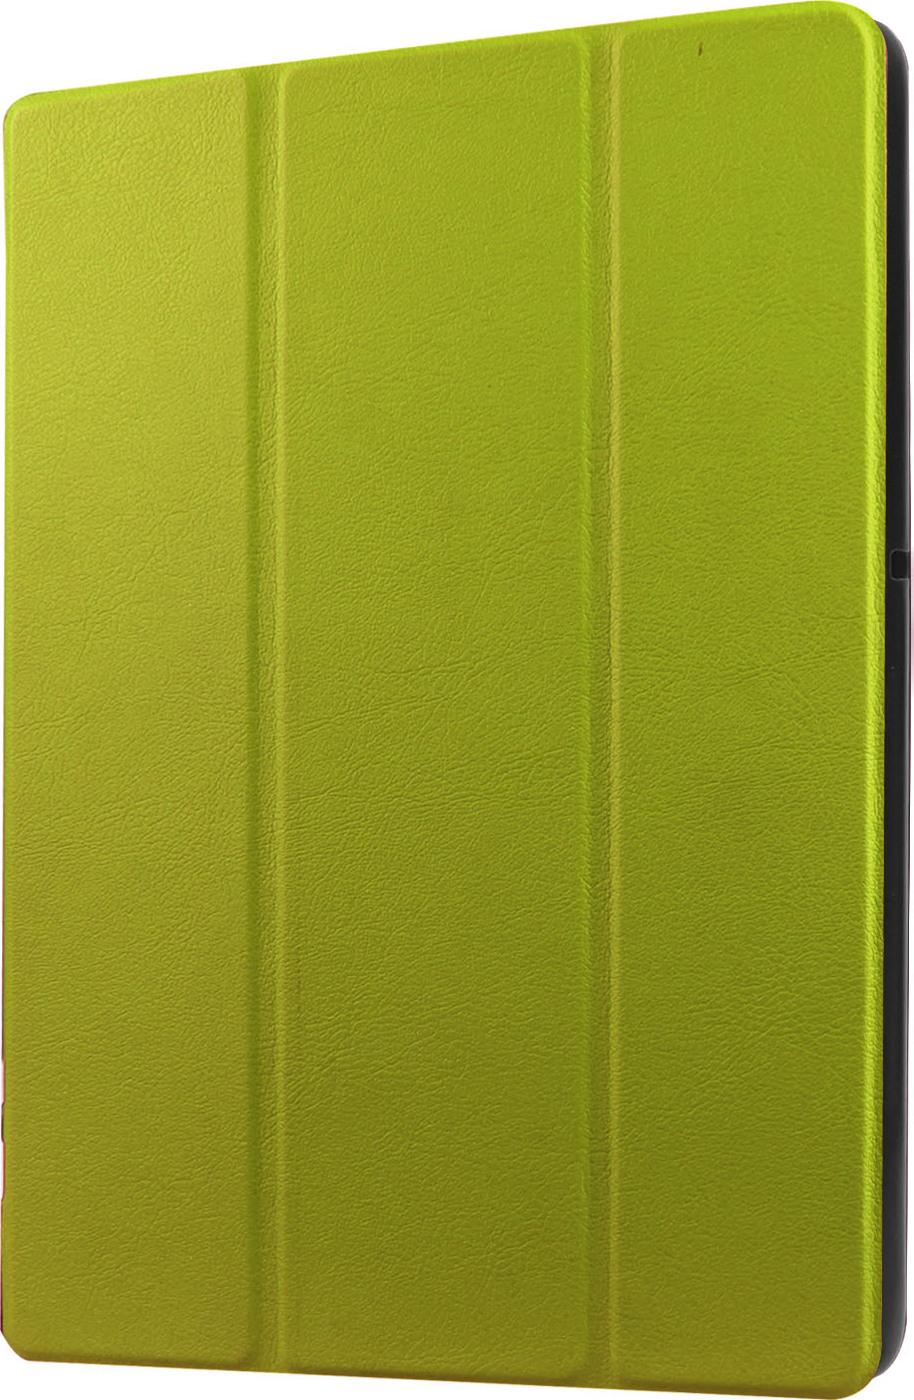 Чехол-обложка MyPads для Samsung Galaxy Tab E 8.0 SM-T377 тонкий умный кожаный на пластиковой основе с трансформацией в подставку зеленый